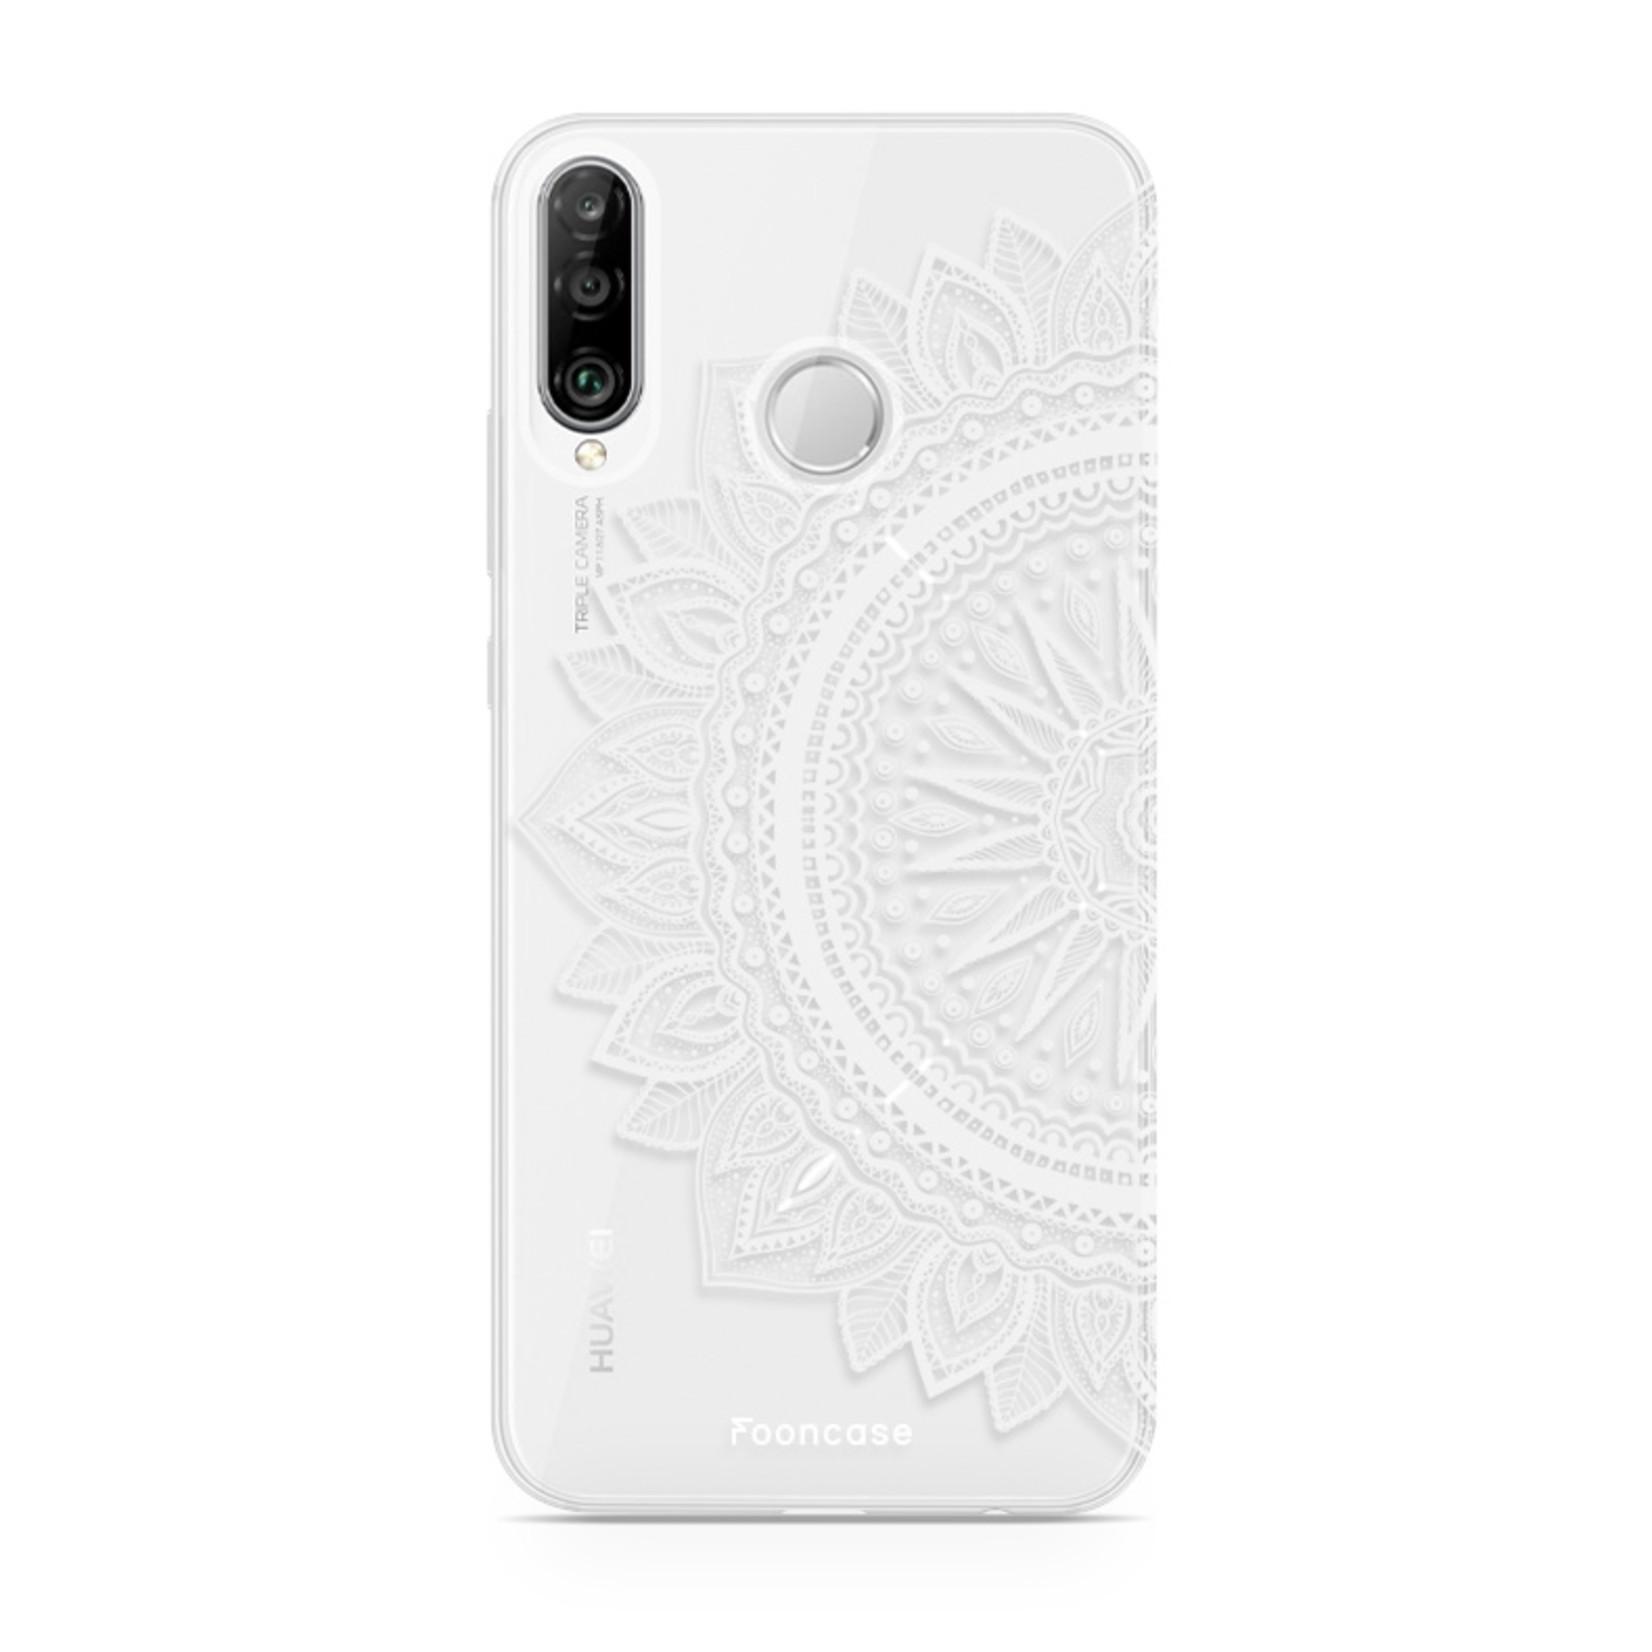 FOONCASE Huawei P30 Lite Handyhülle - Mandala